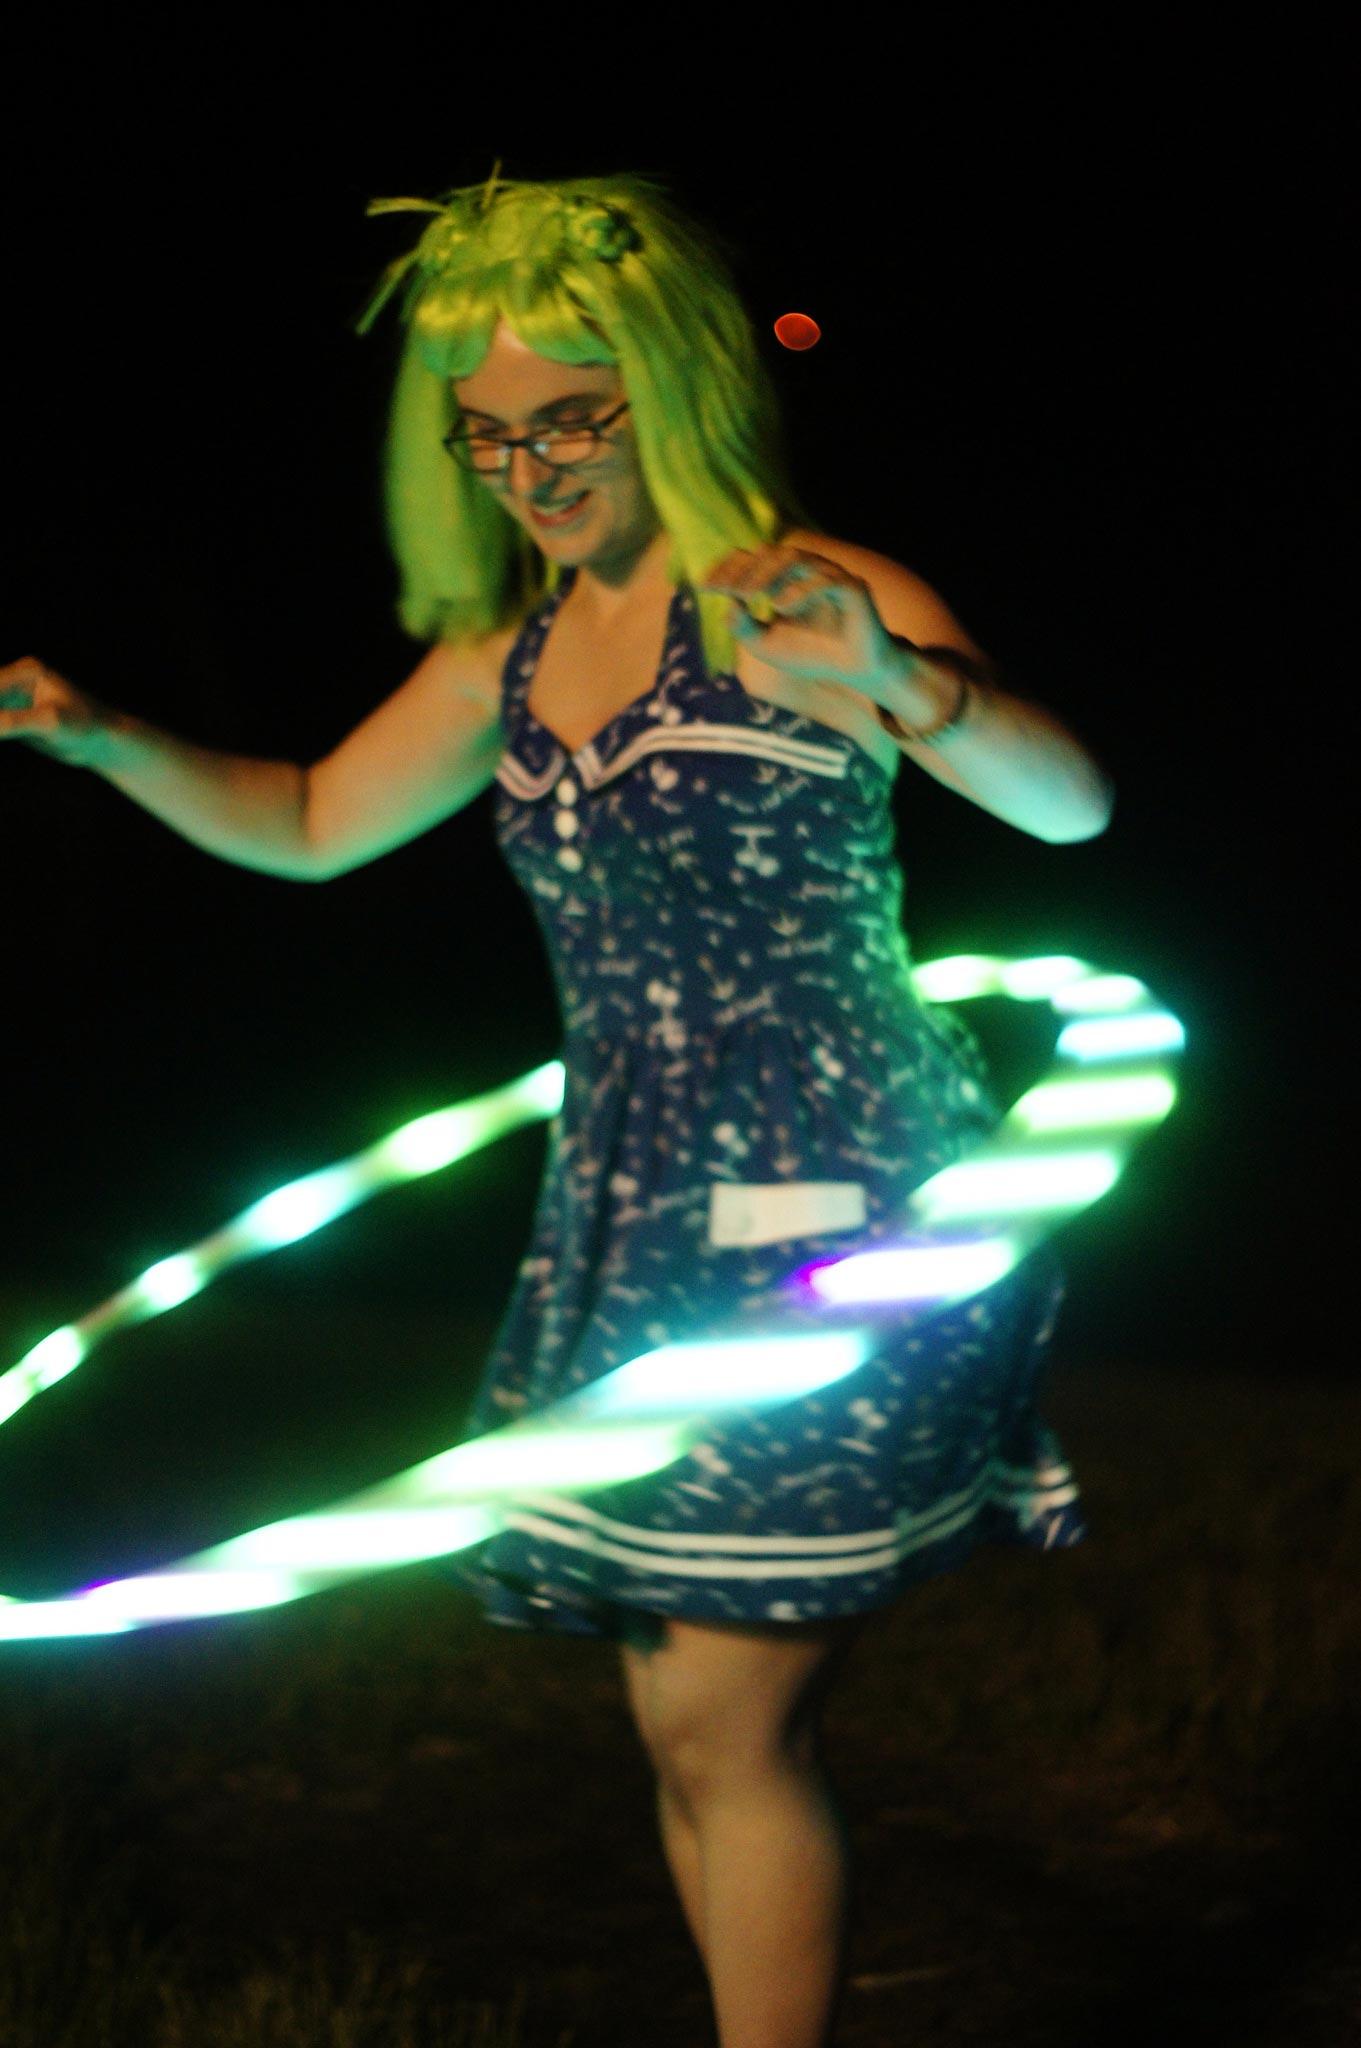 PorcFest hula hoop